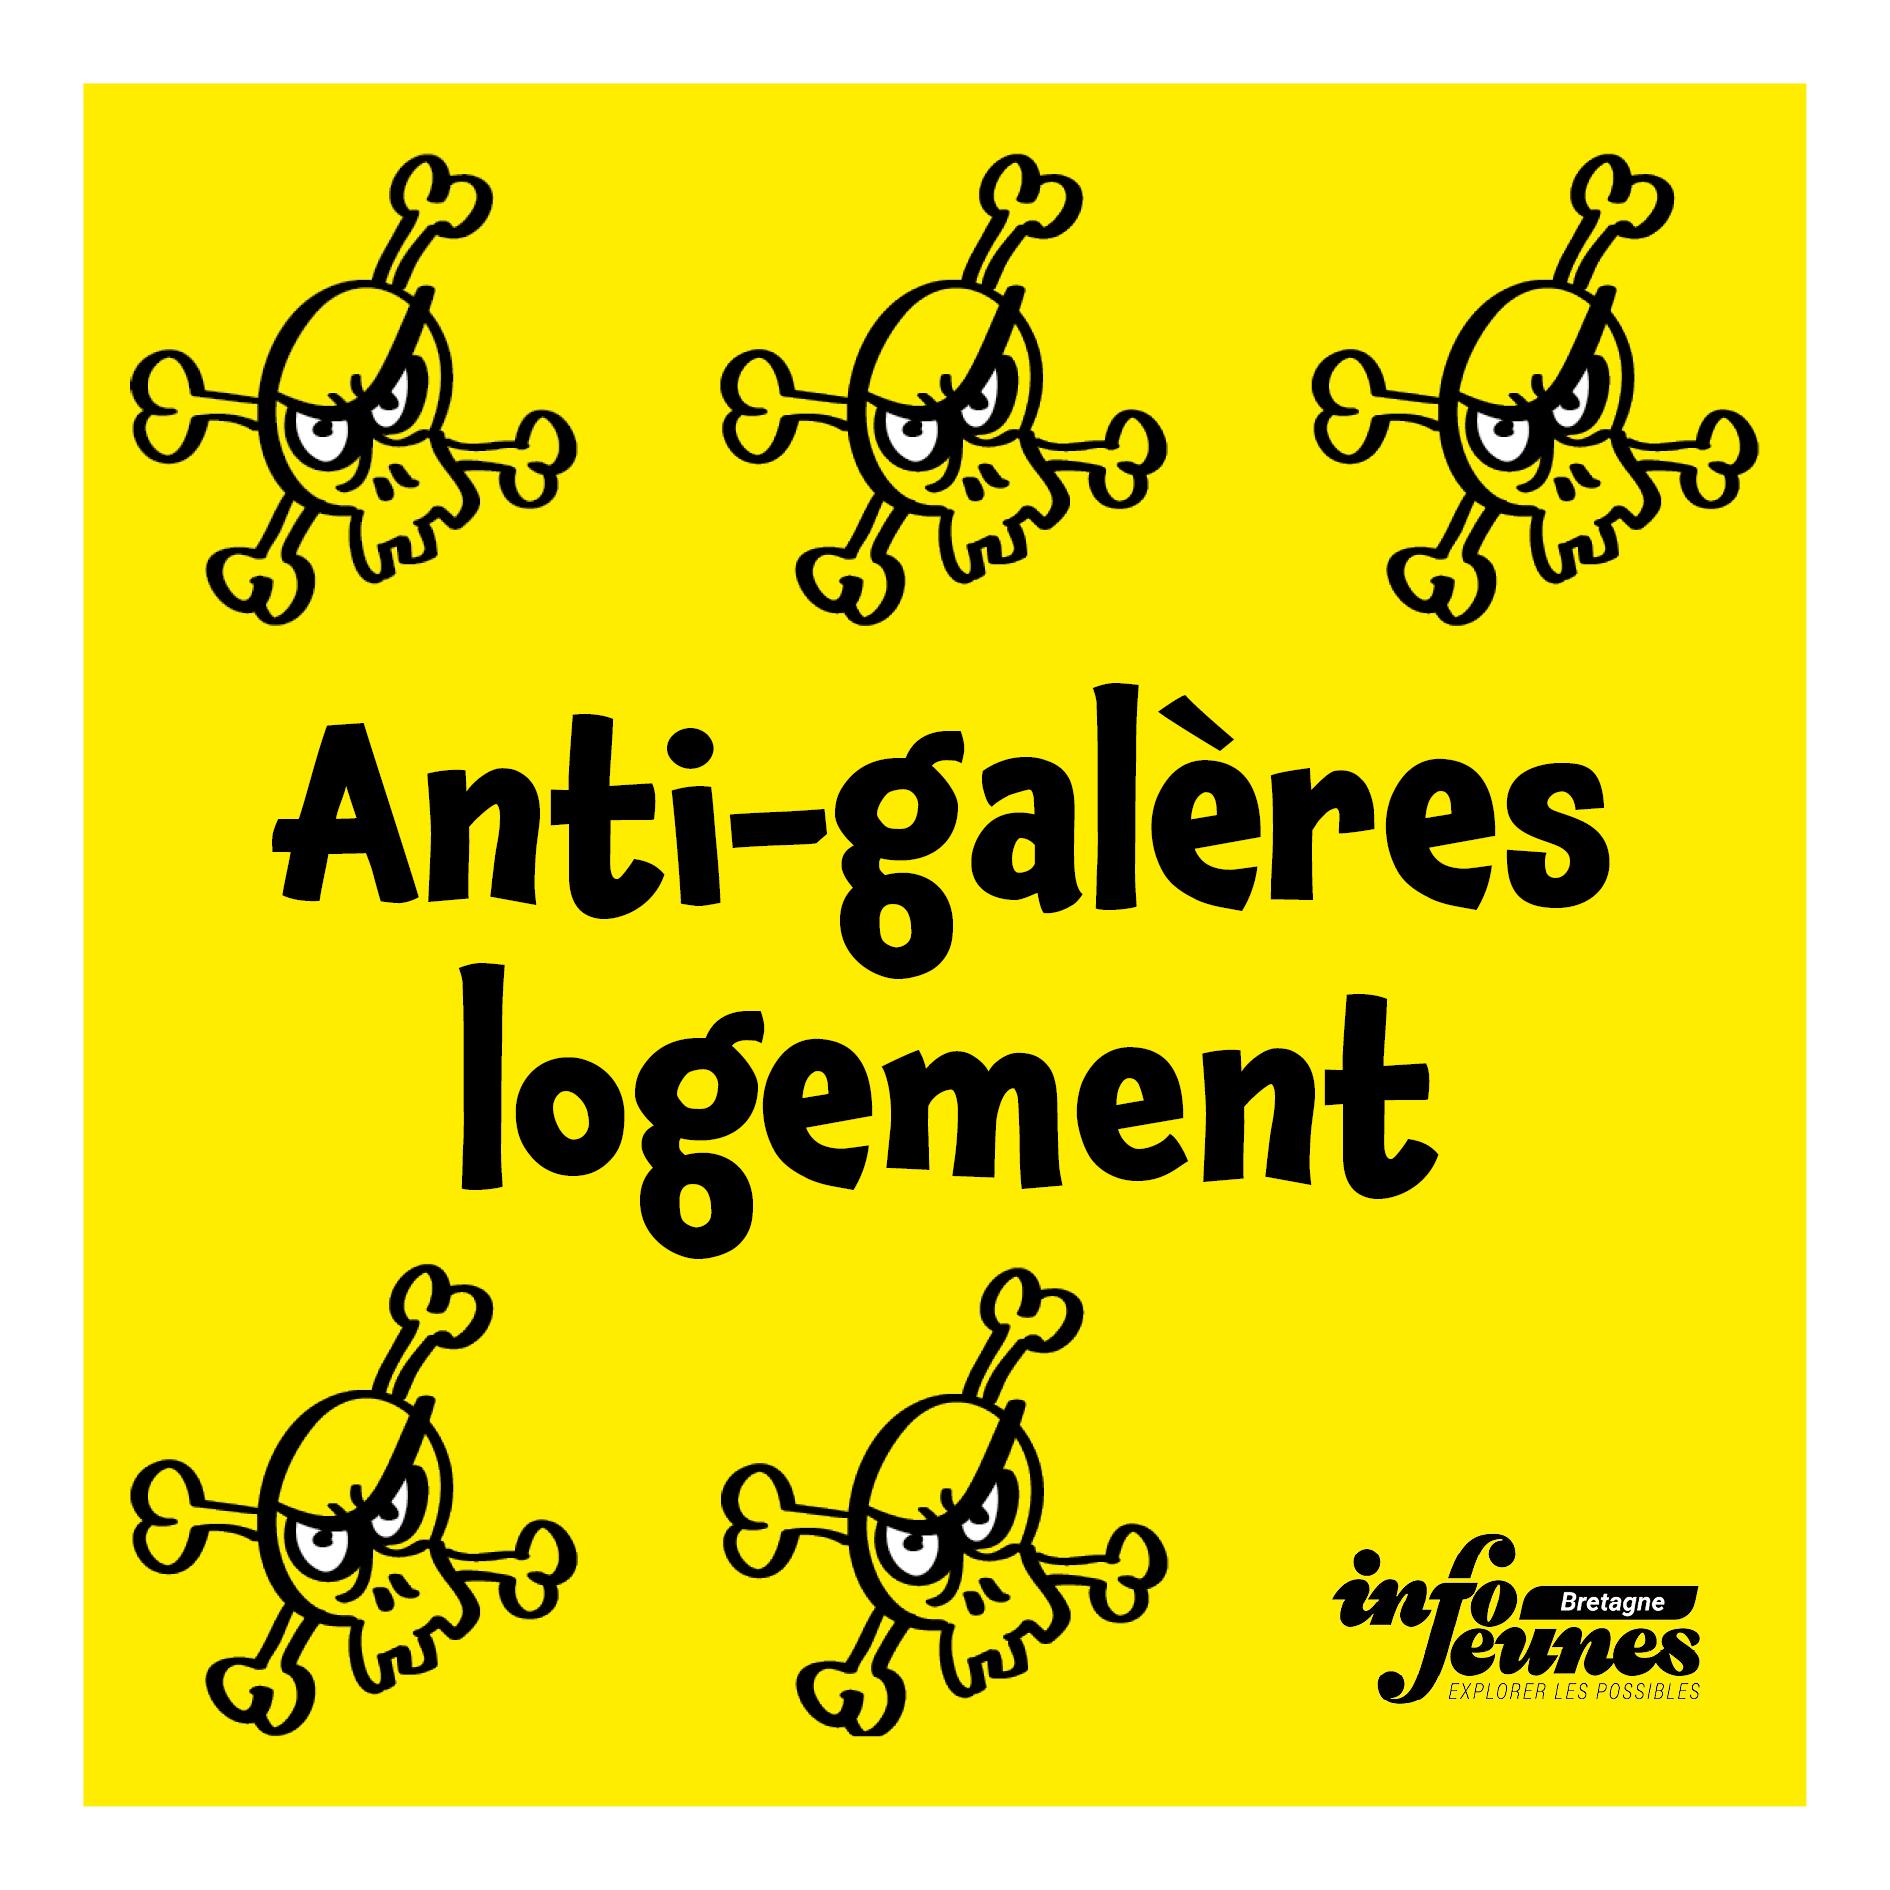 Picto anti-galères logement d'Info Jeunes Bretagne